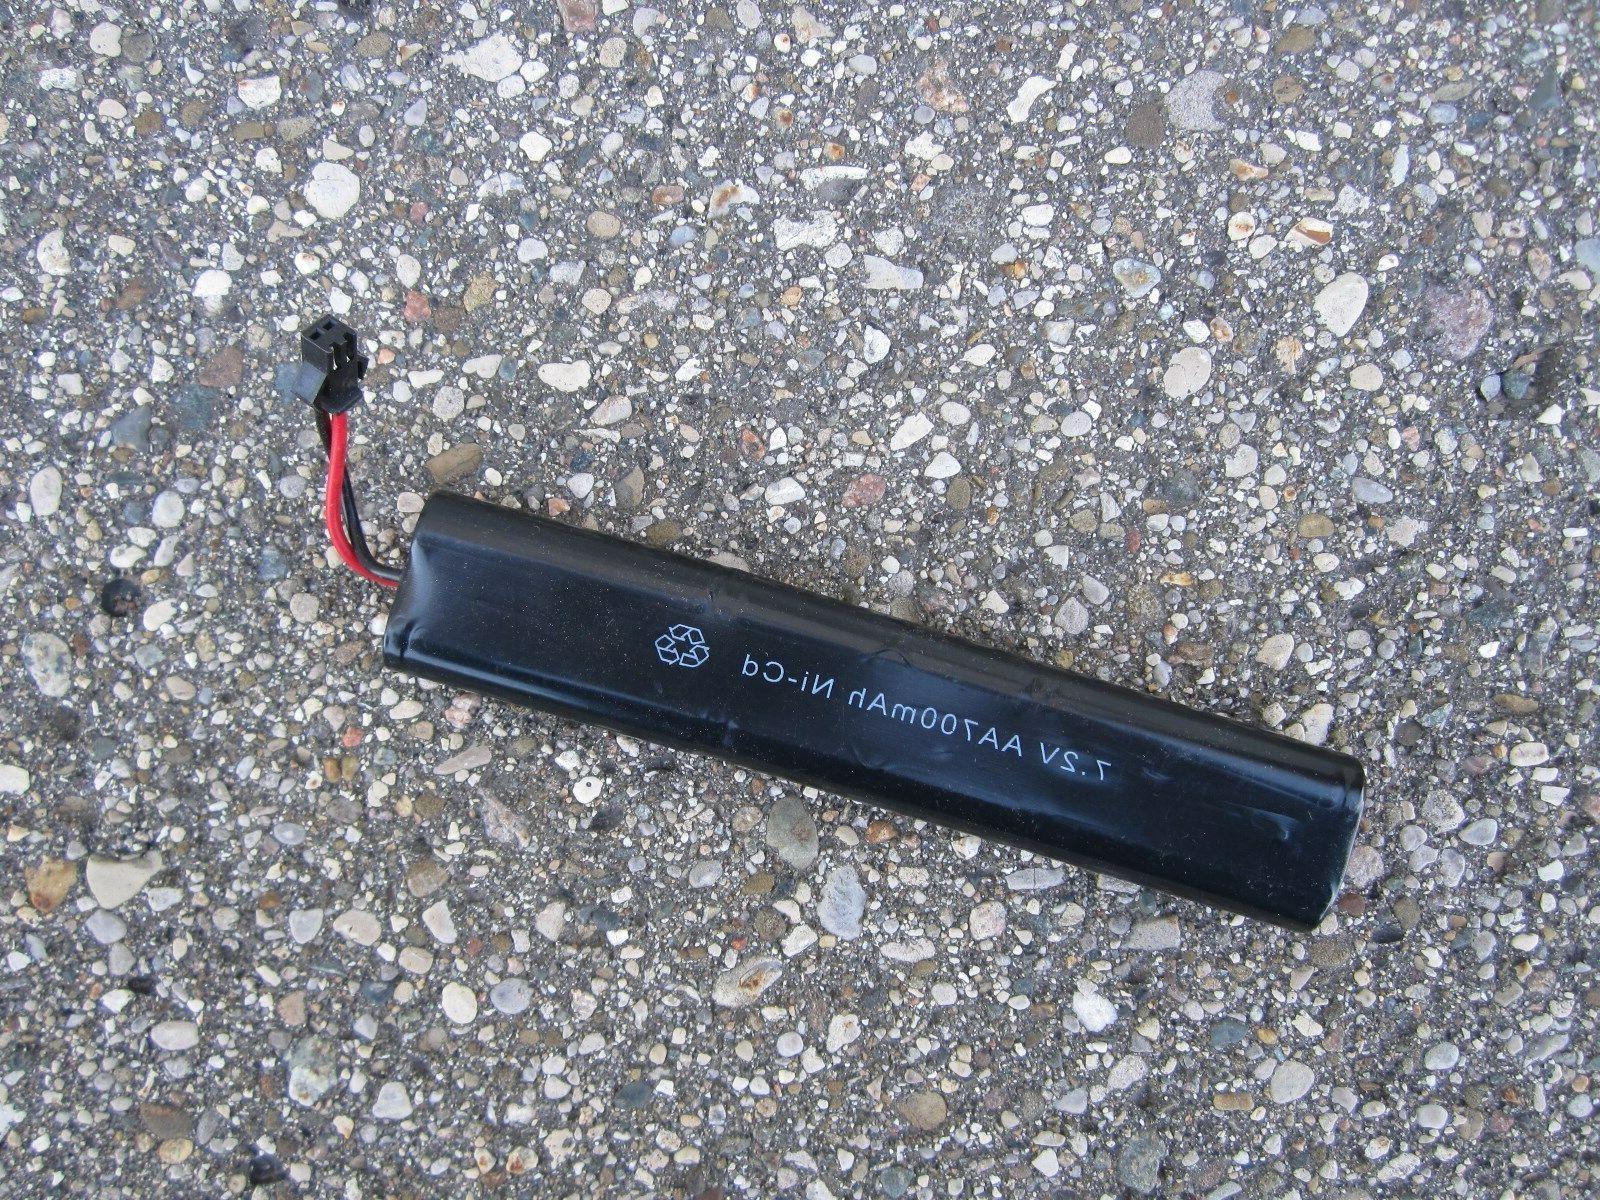 New Airsoft Gun 7.2v AA 700mAh Ni-cd Battery for Cm022 Made